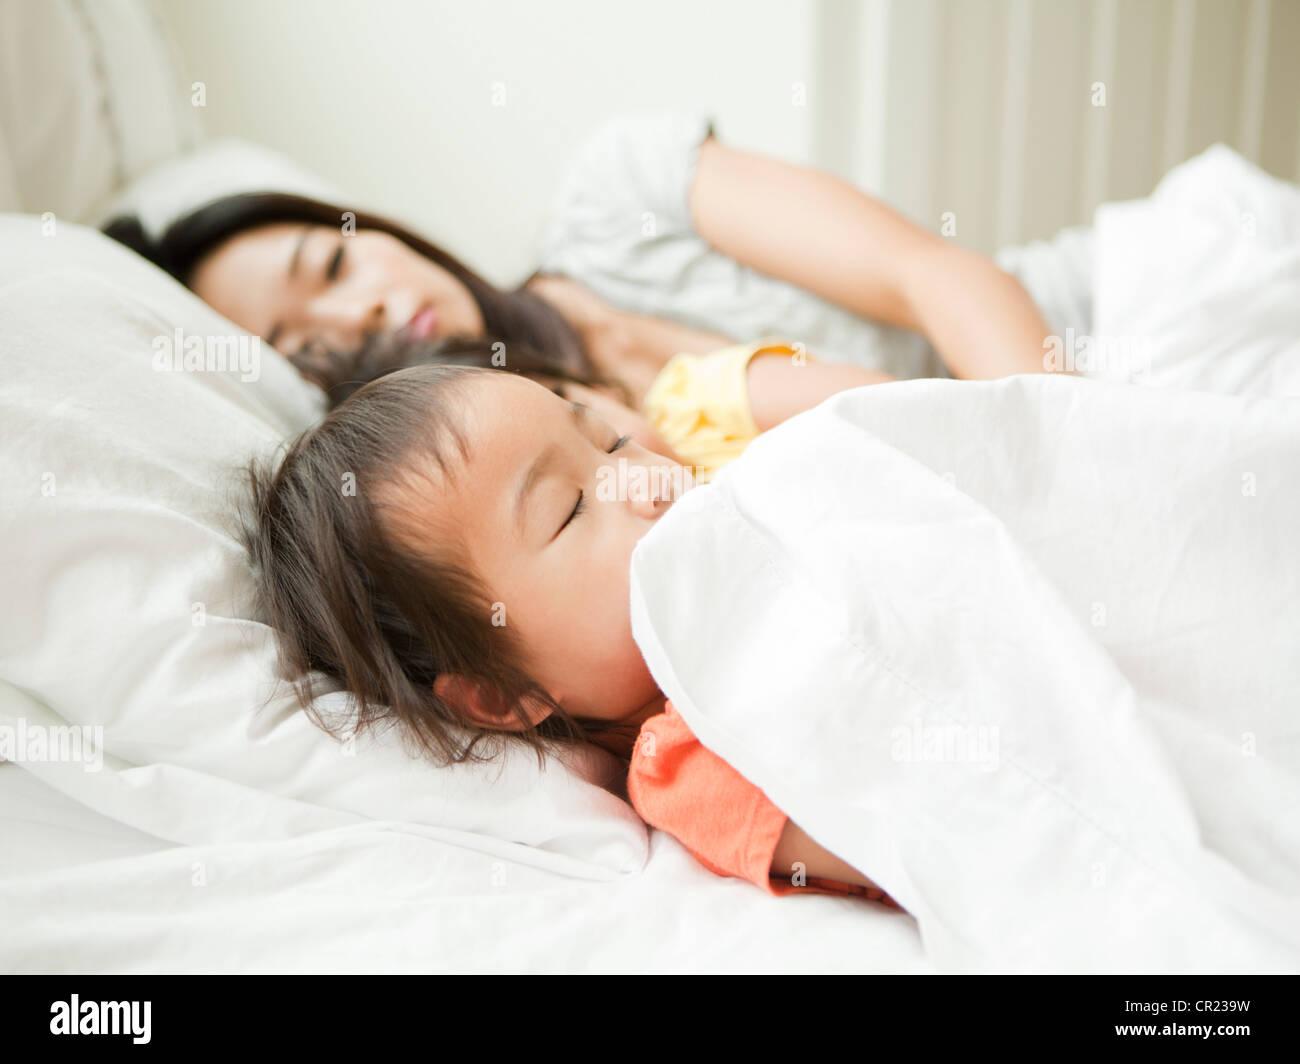 Madre con sus hijas (2-3, 4-5) durmiendo juntos Imagen De Stock